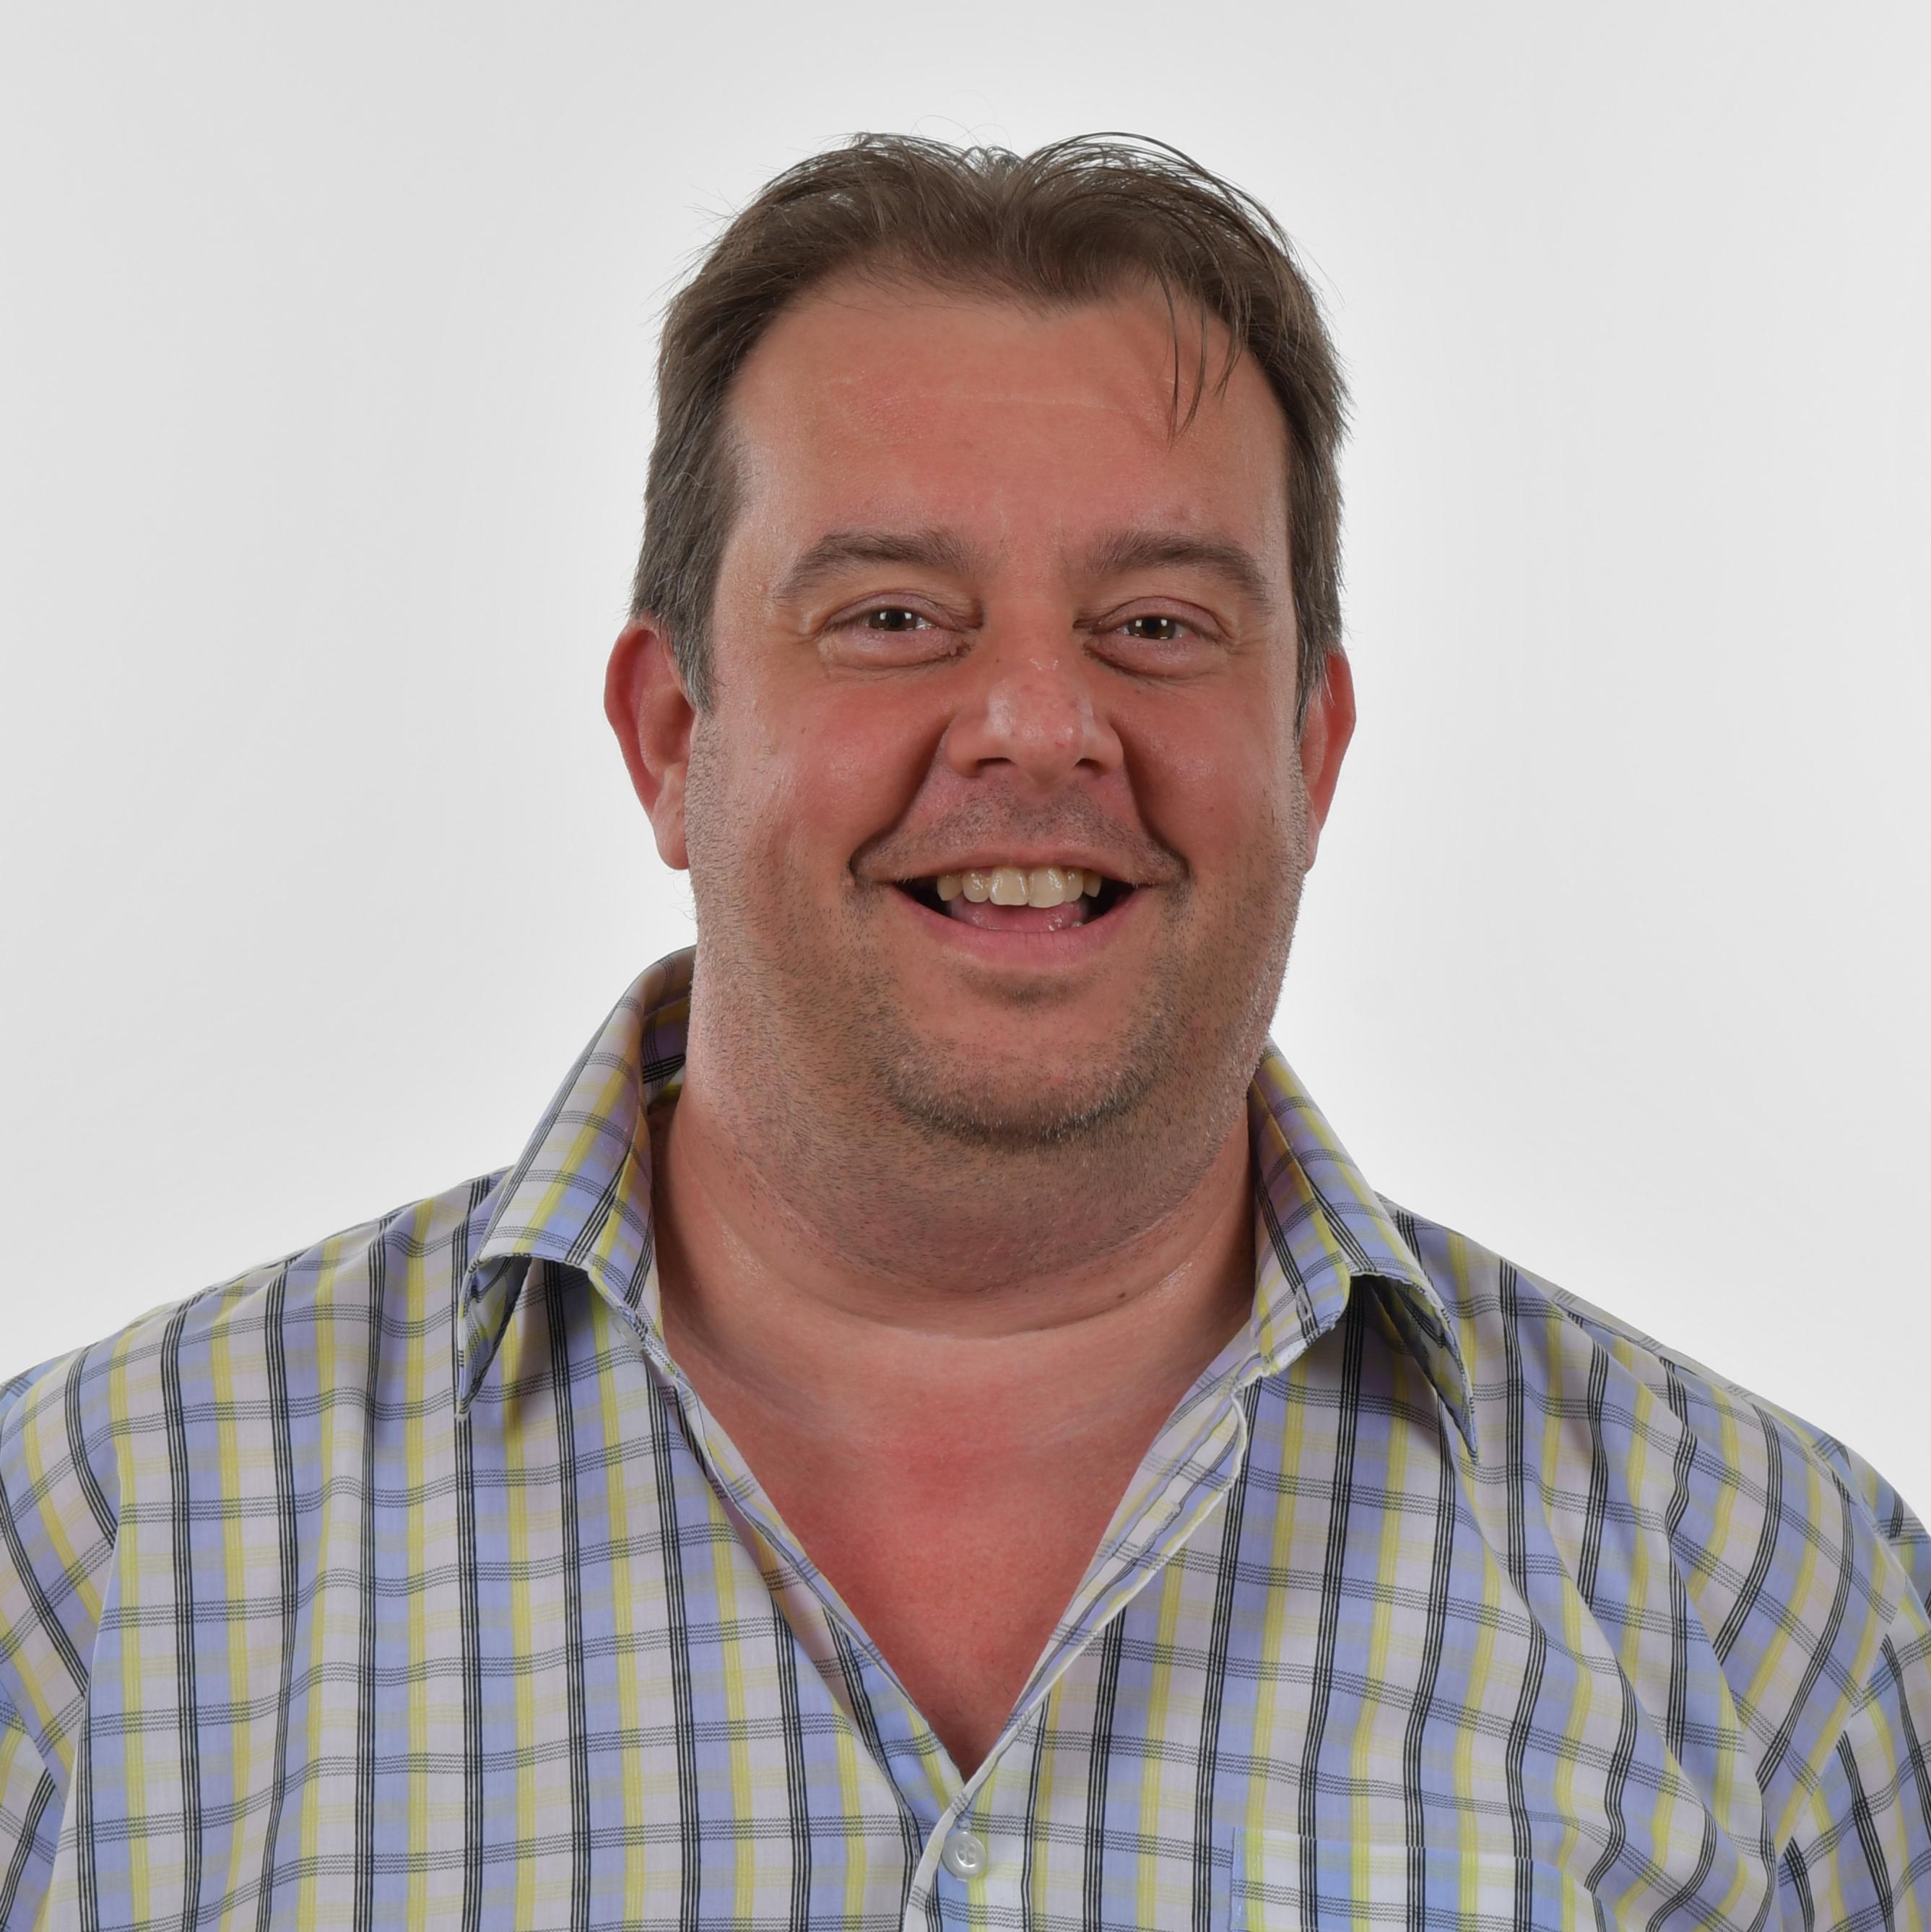 Guy Punnewaert